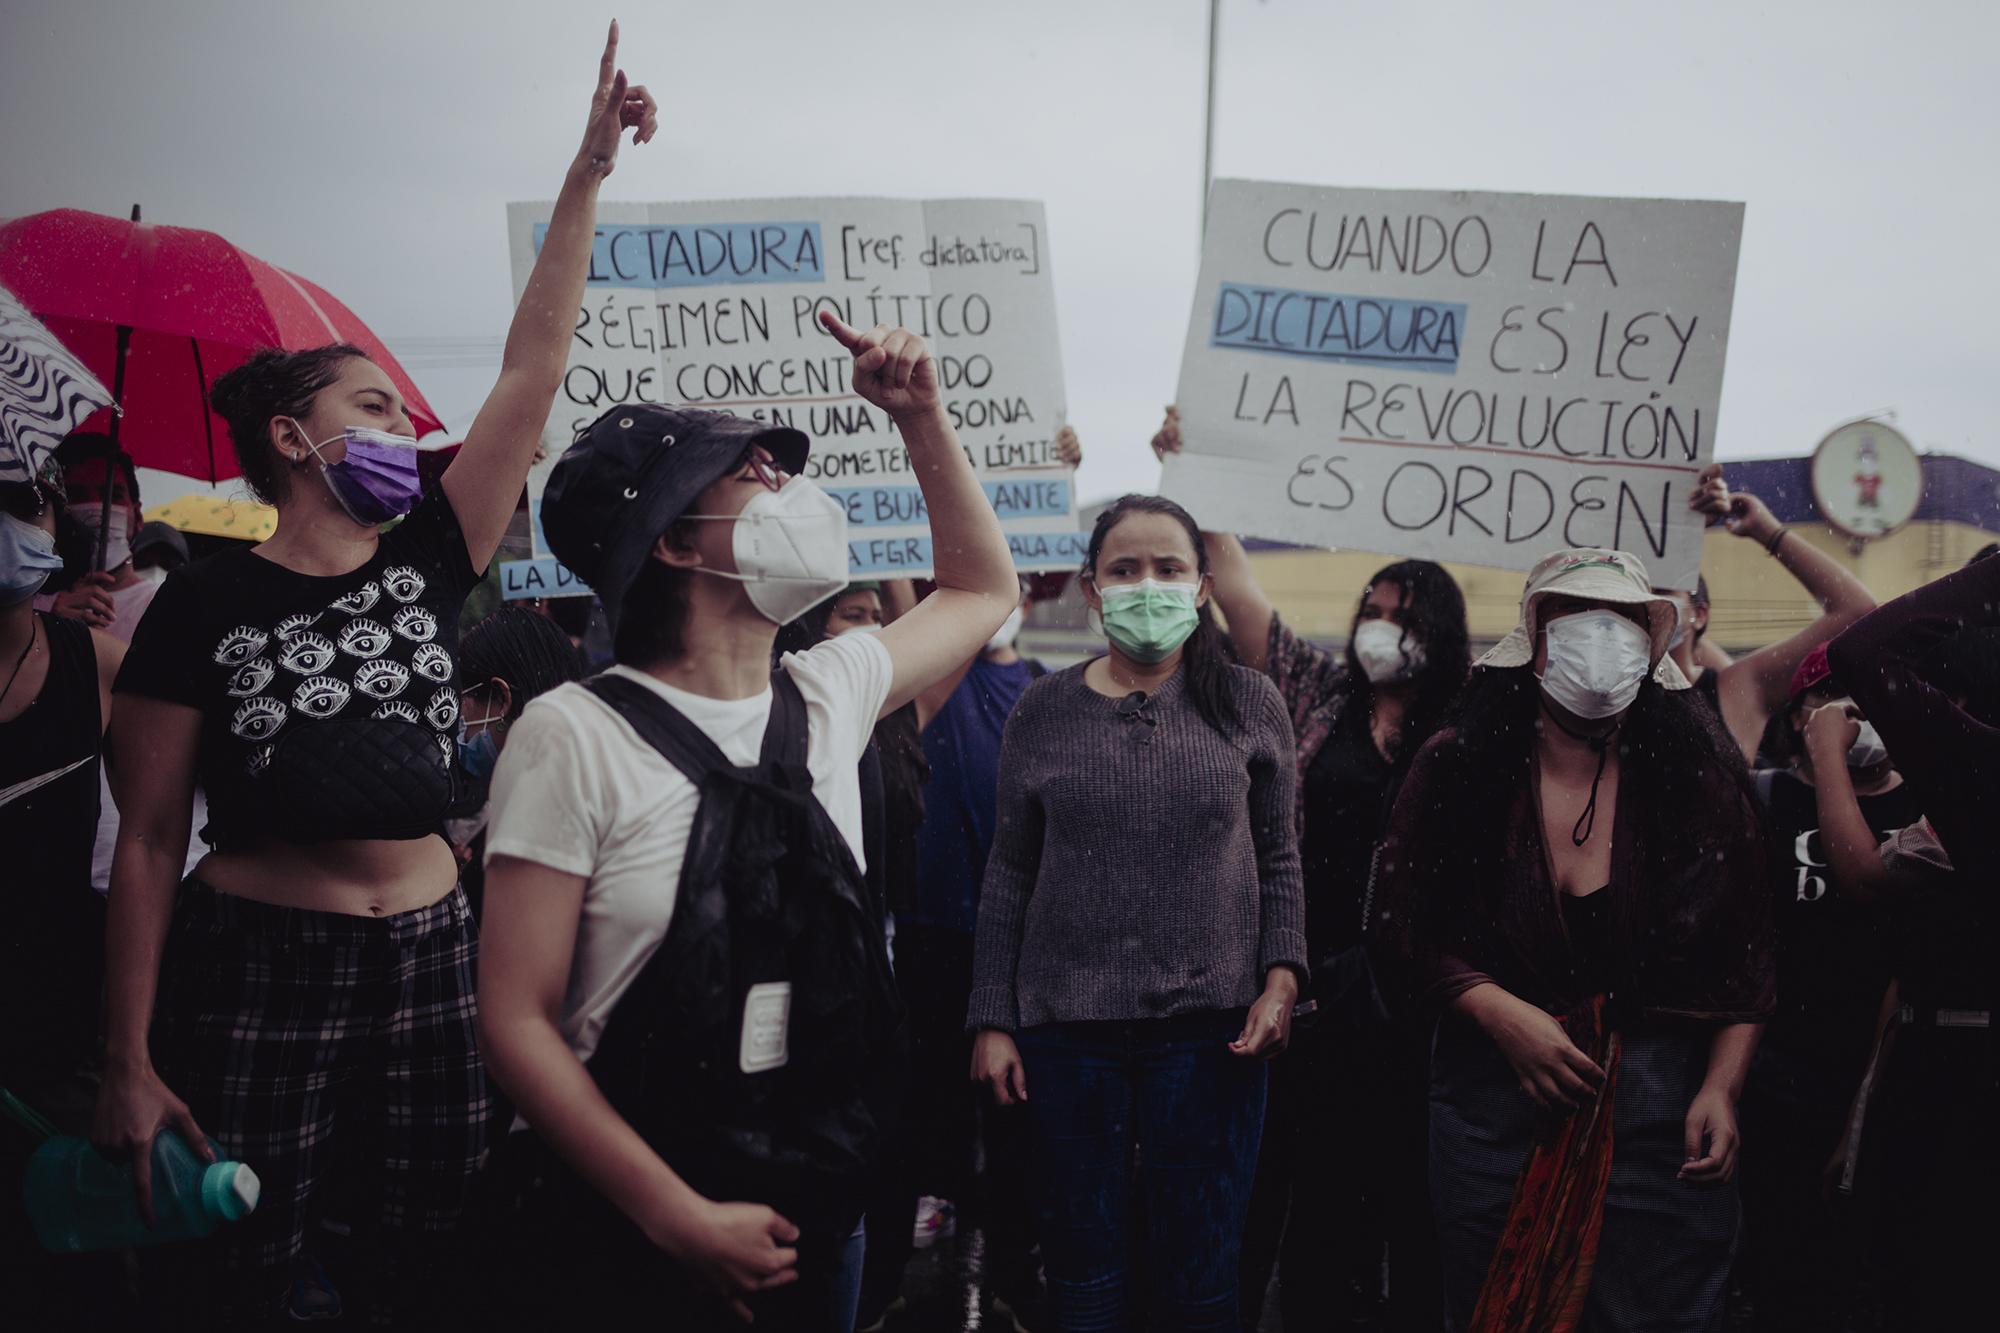 Decenas de personas se concentraron en el monumento a La Constitución de El Salvador para manifestarse luego de que el 1 mayo la Asamblea Legislativa destituyera a los magistrados de la Corte Suprema y al Fiscal General de la República. Foto de El Faro: Carlos Barrera